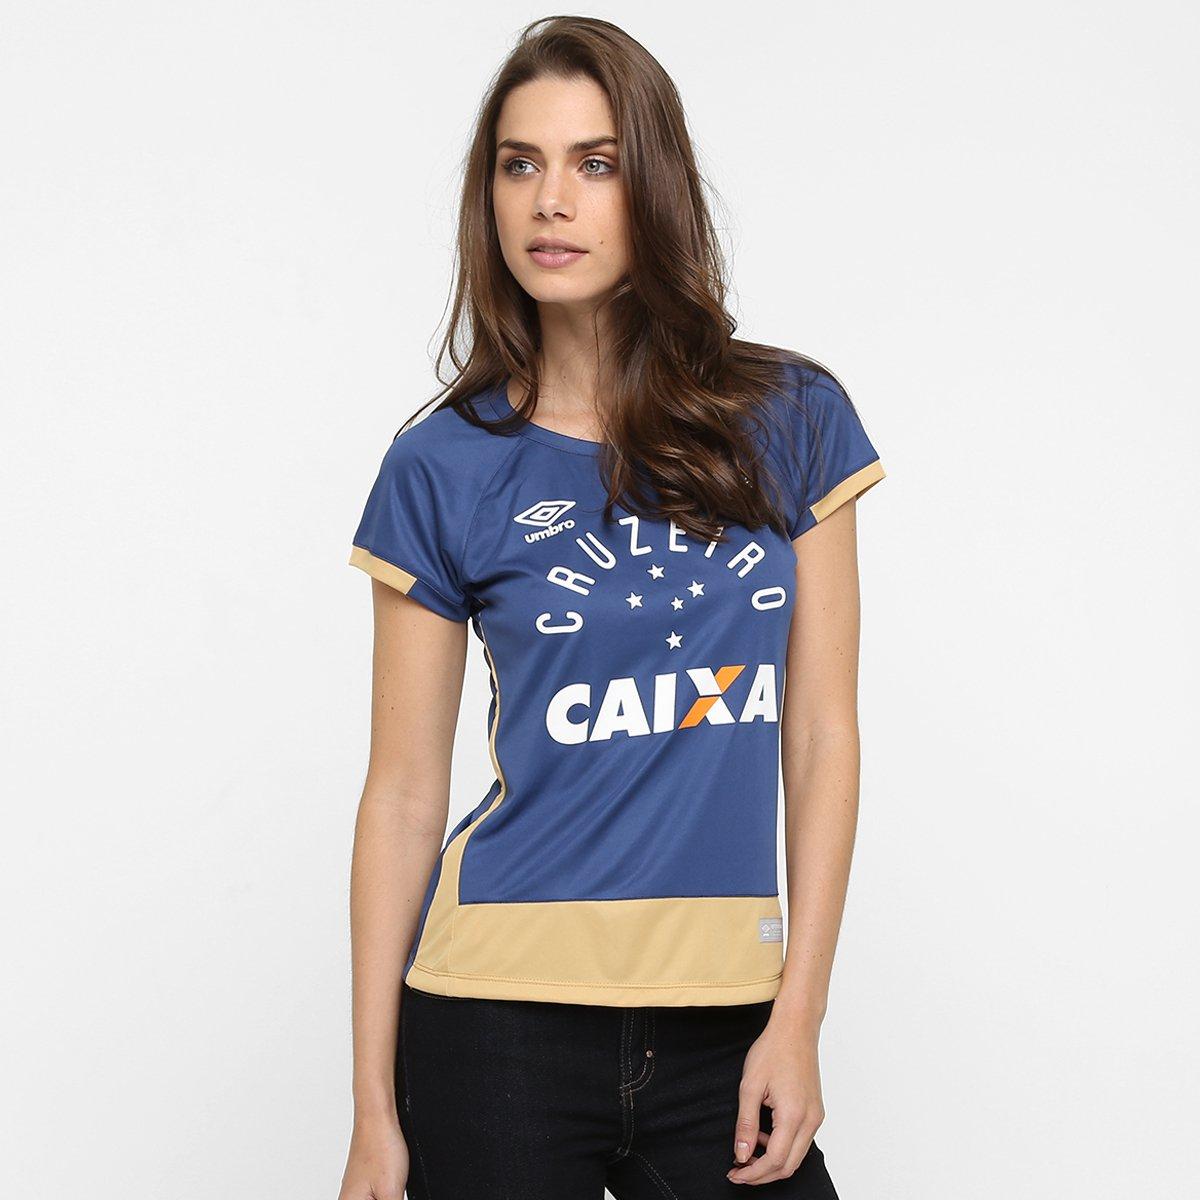 Camisa Cruzeiro Goleiro 2016 nº 1 - Fábio - Torcedor Umbro Feminina -  Compre Agora  8e7c0b130972a